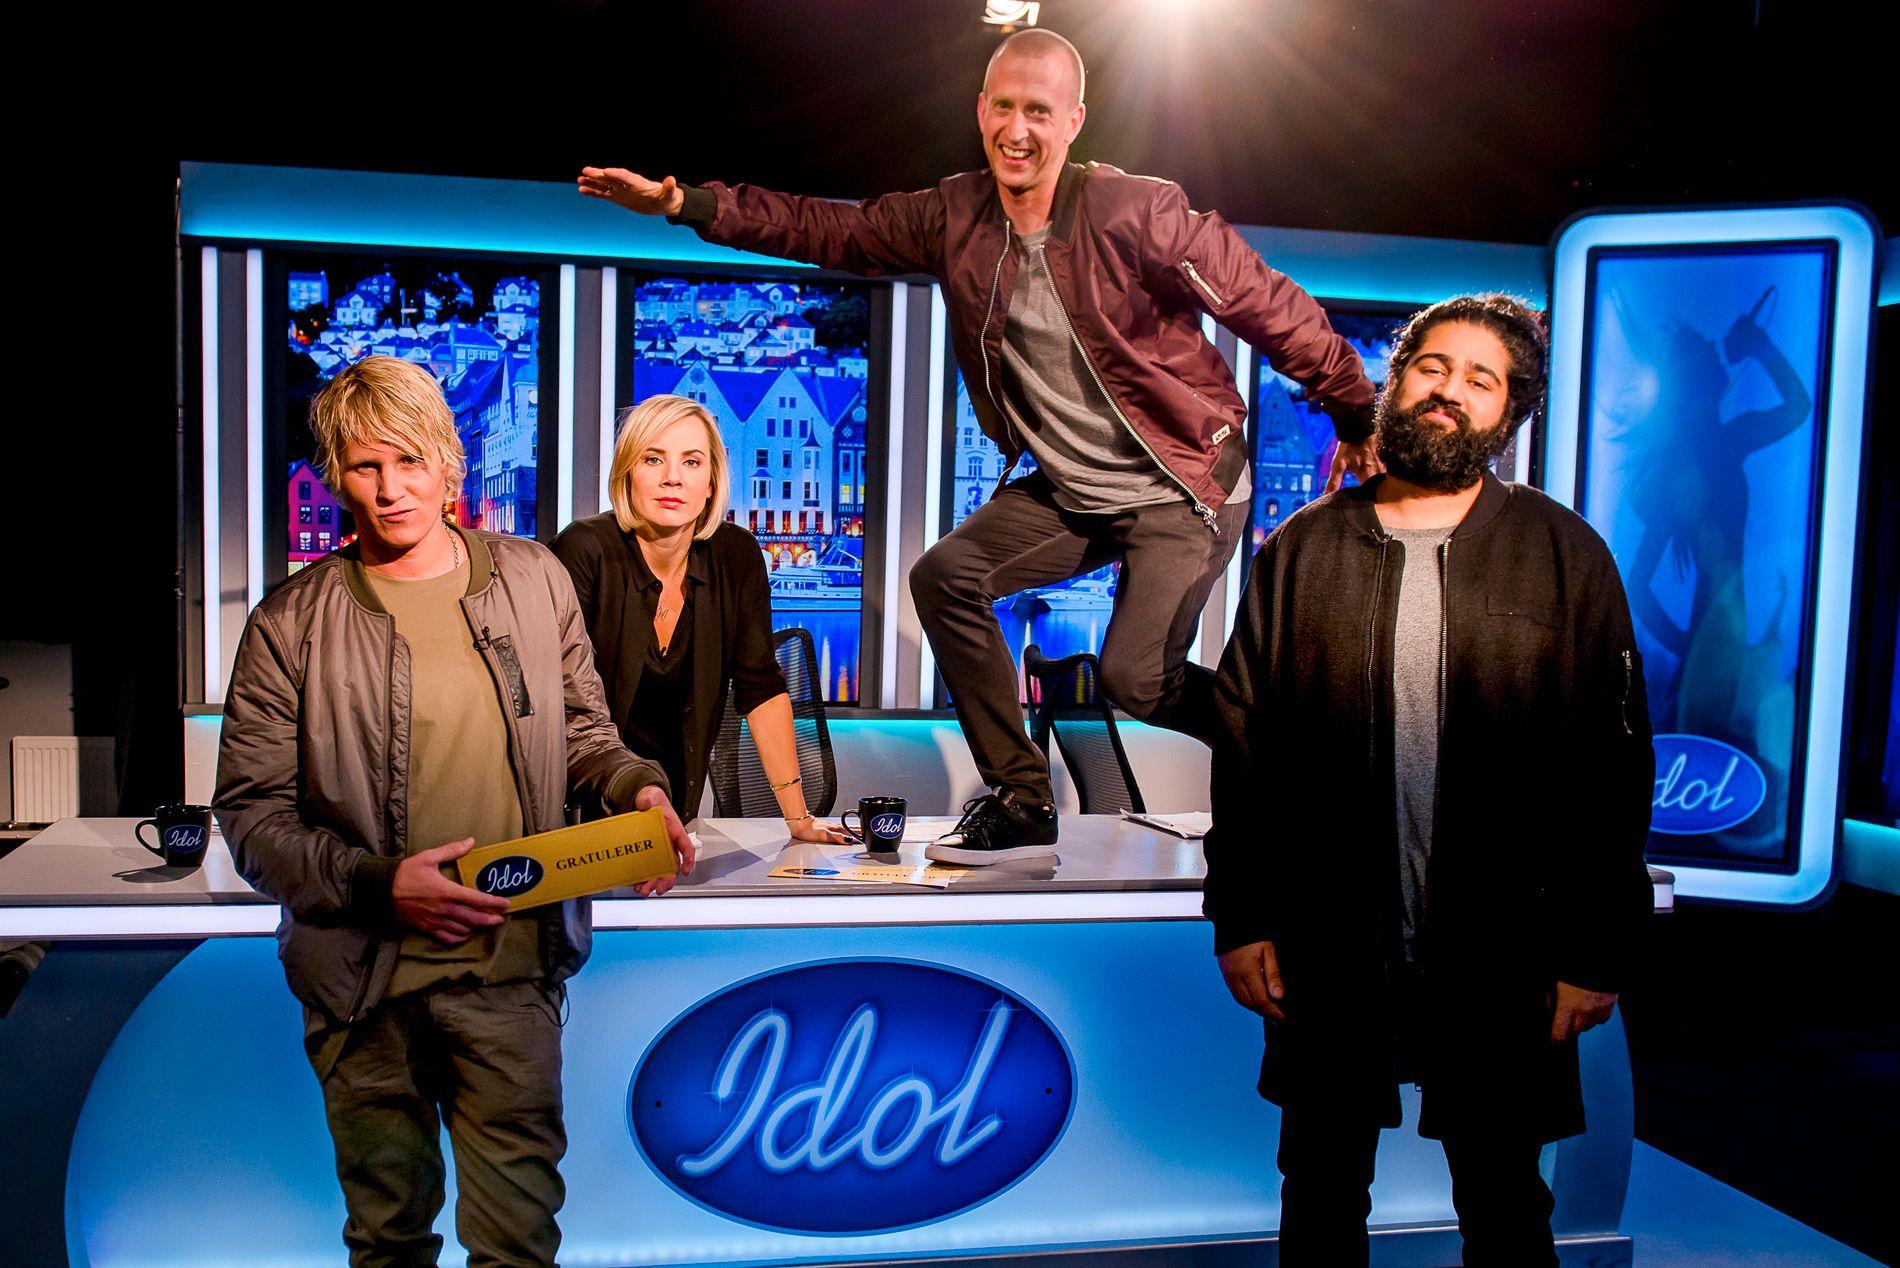 DOMMERKVARTETTEN: Fra venstre: Øyvind «Vinni» Sauvik, Ina Wroldsen, Gunnar Greve og Sandeep Singh. Foto: TV2